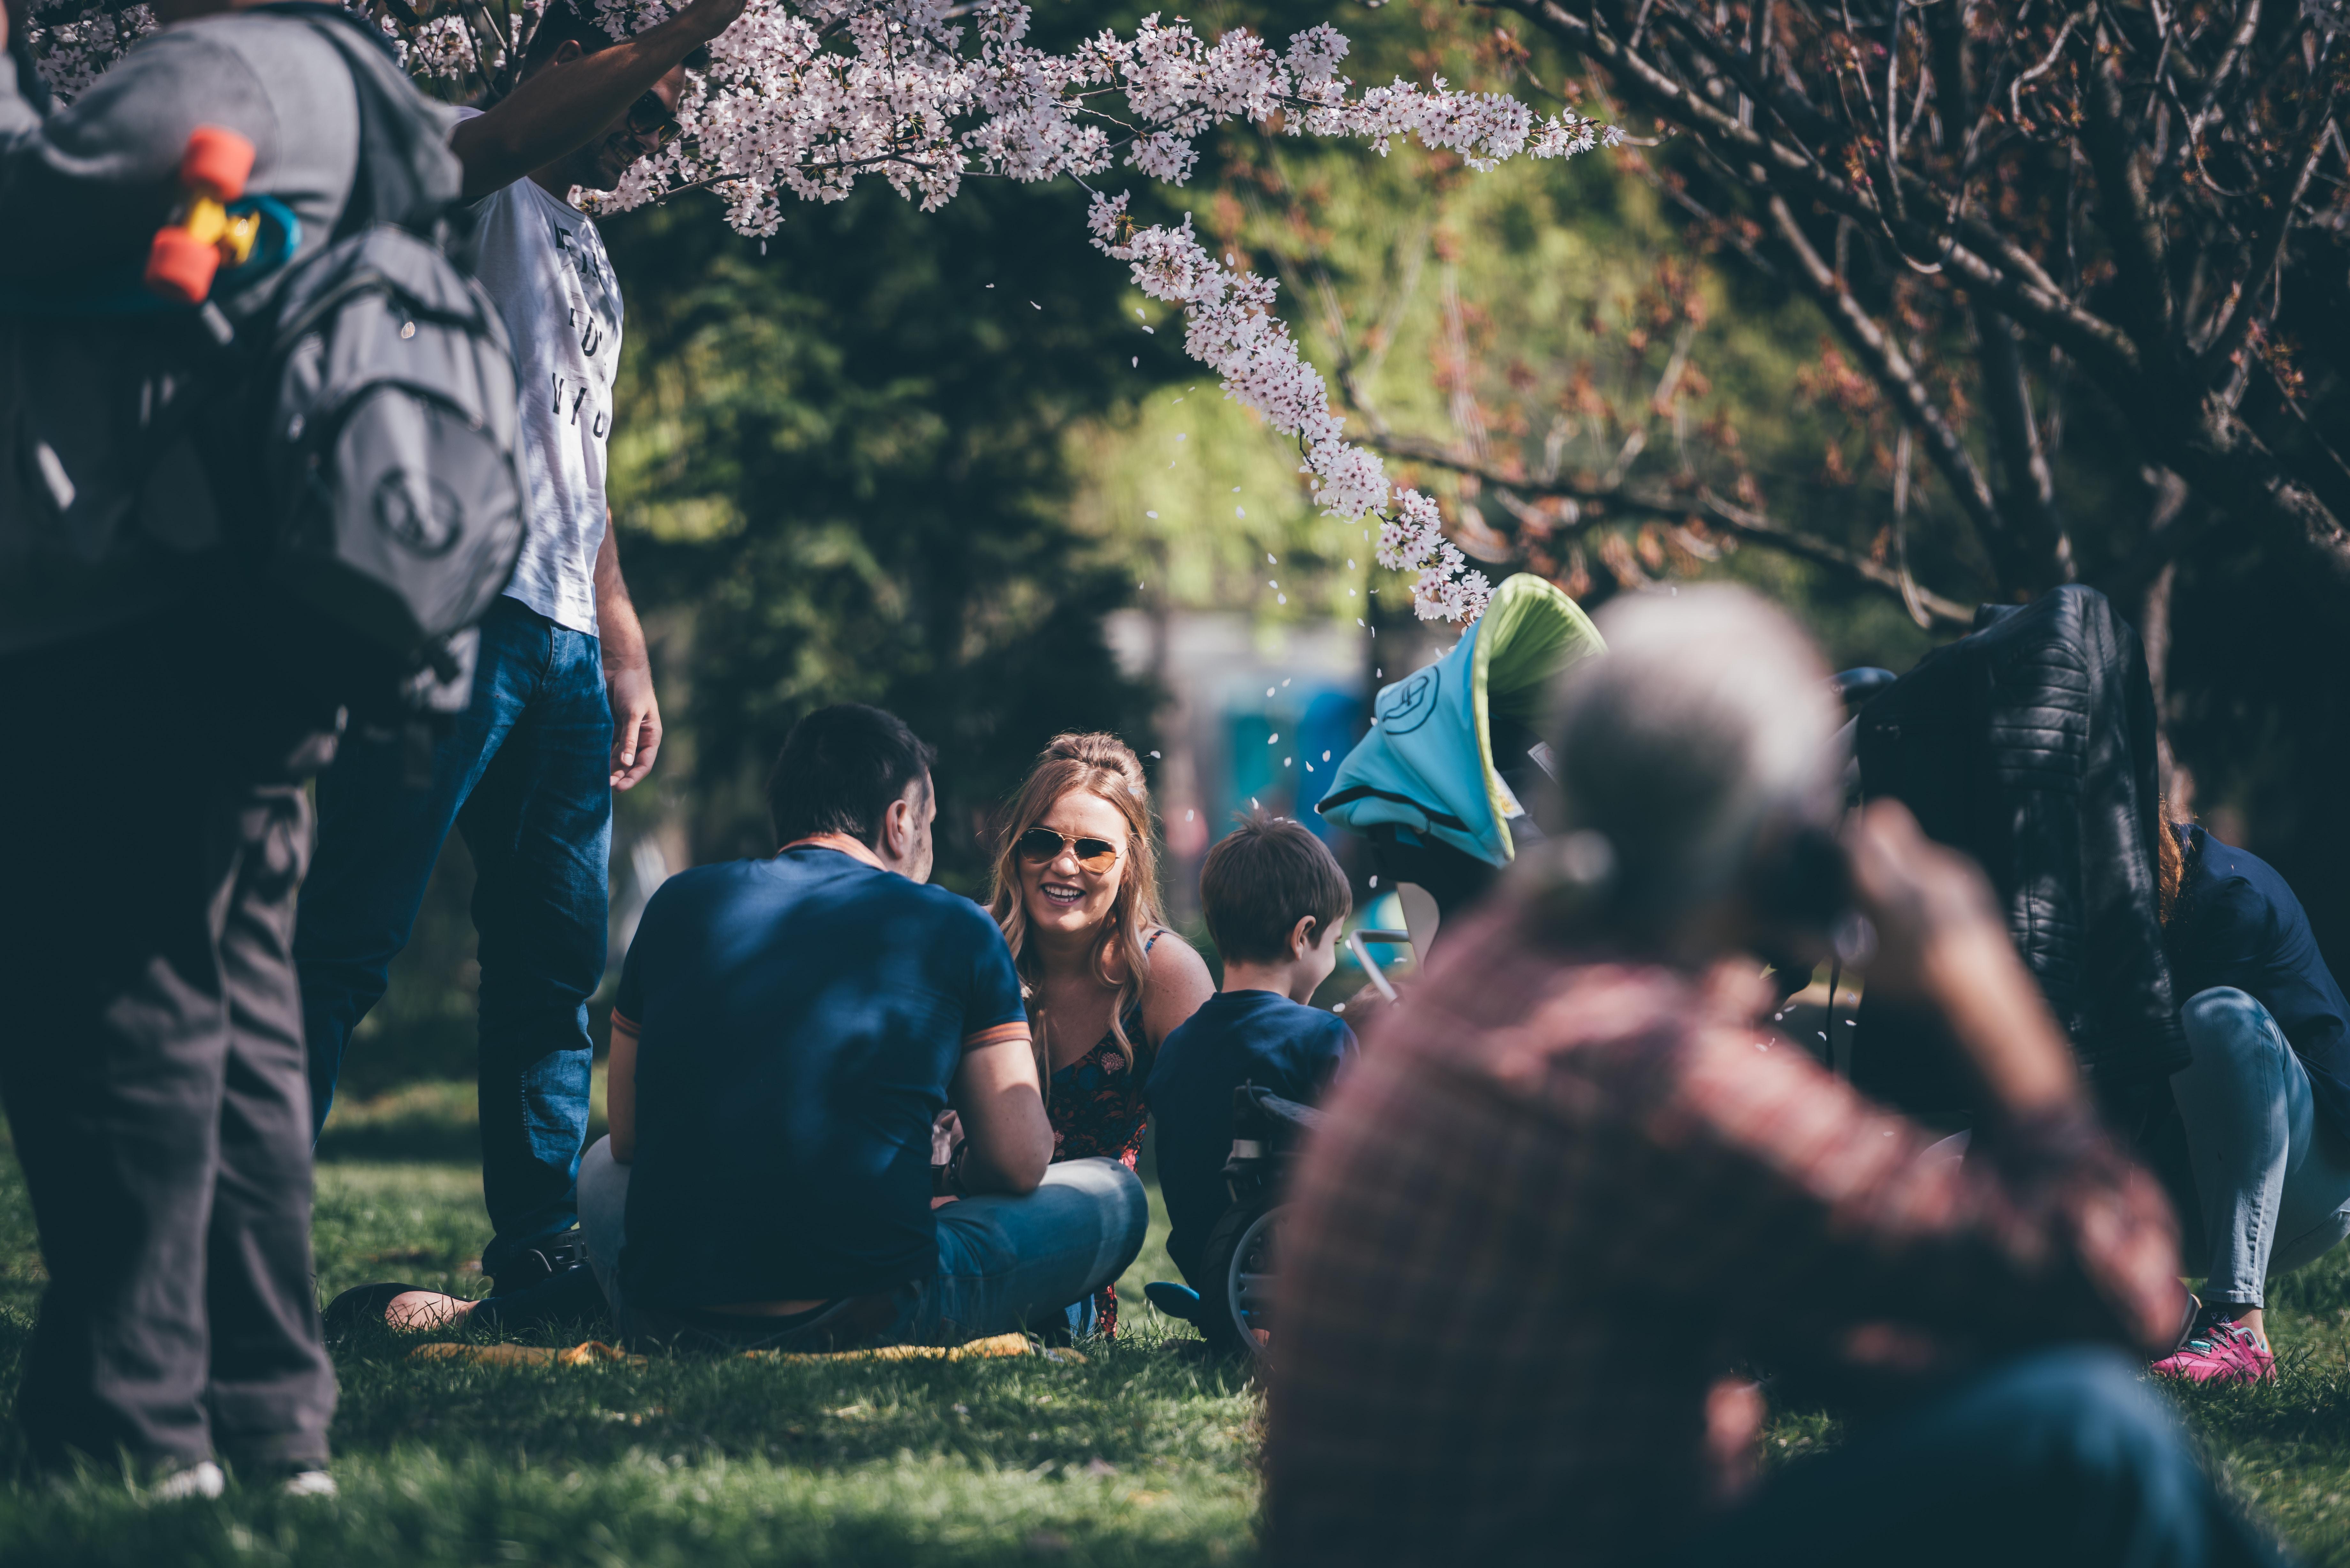 liderança familiar no parque